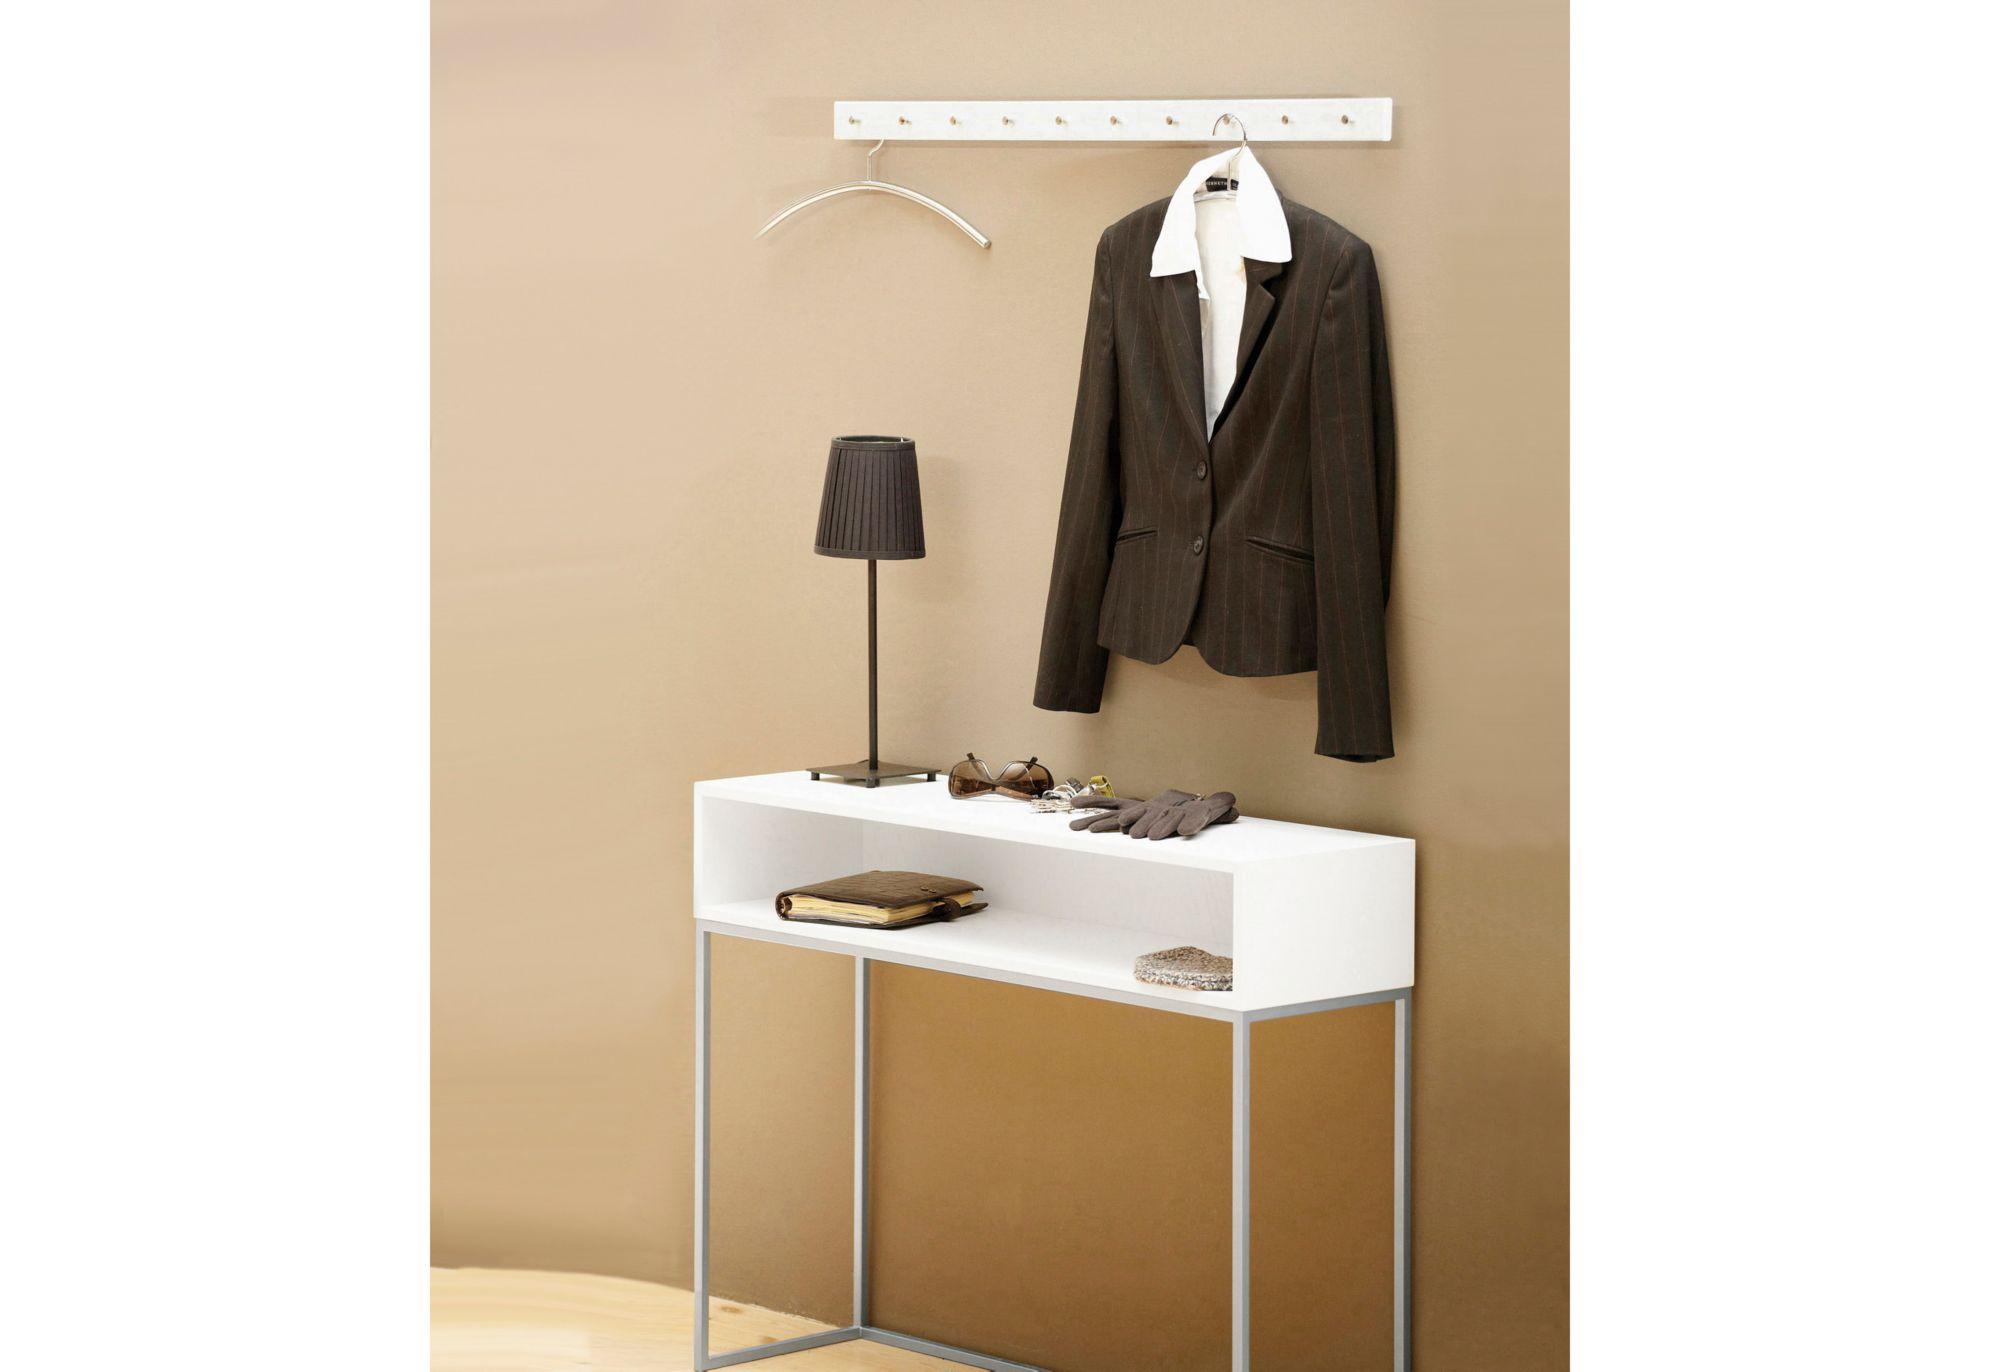 Garderoben haken im schwab online shop m bel modern for Garderobenleiste modern